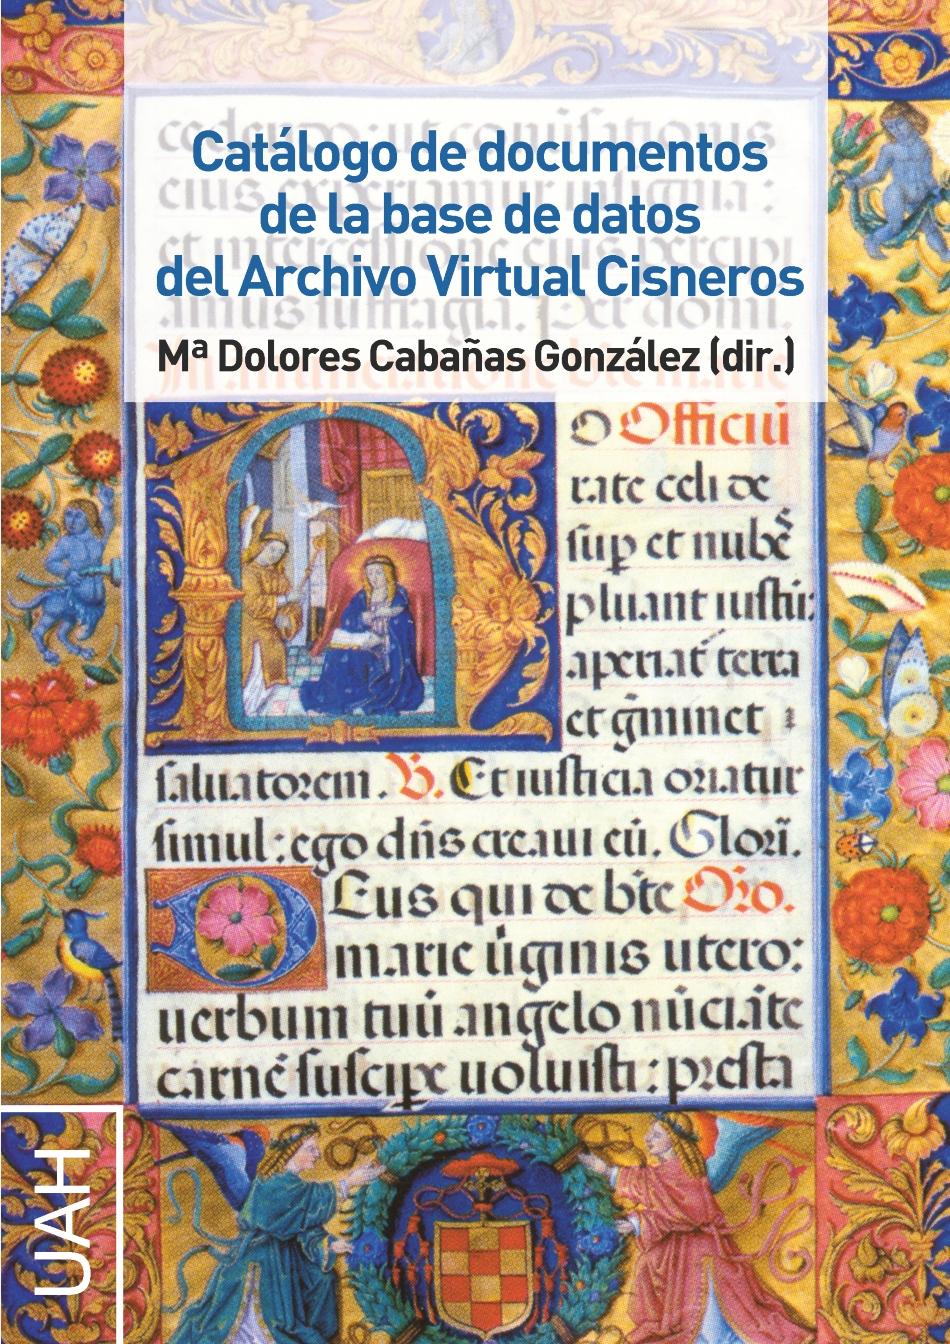 Catálogo de documentos de la base de datos del Archivo Virtual Cisneros -LIBRO ELECTRÓNICO-